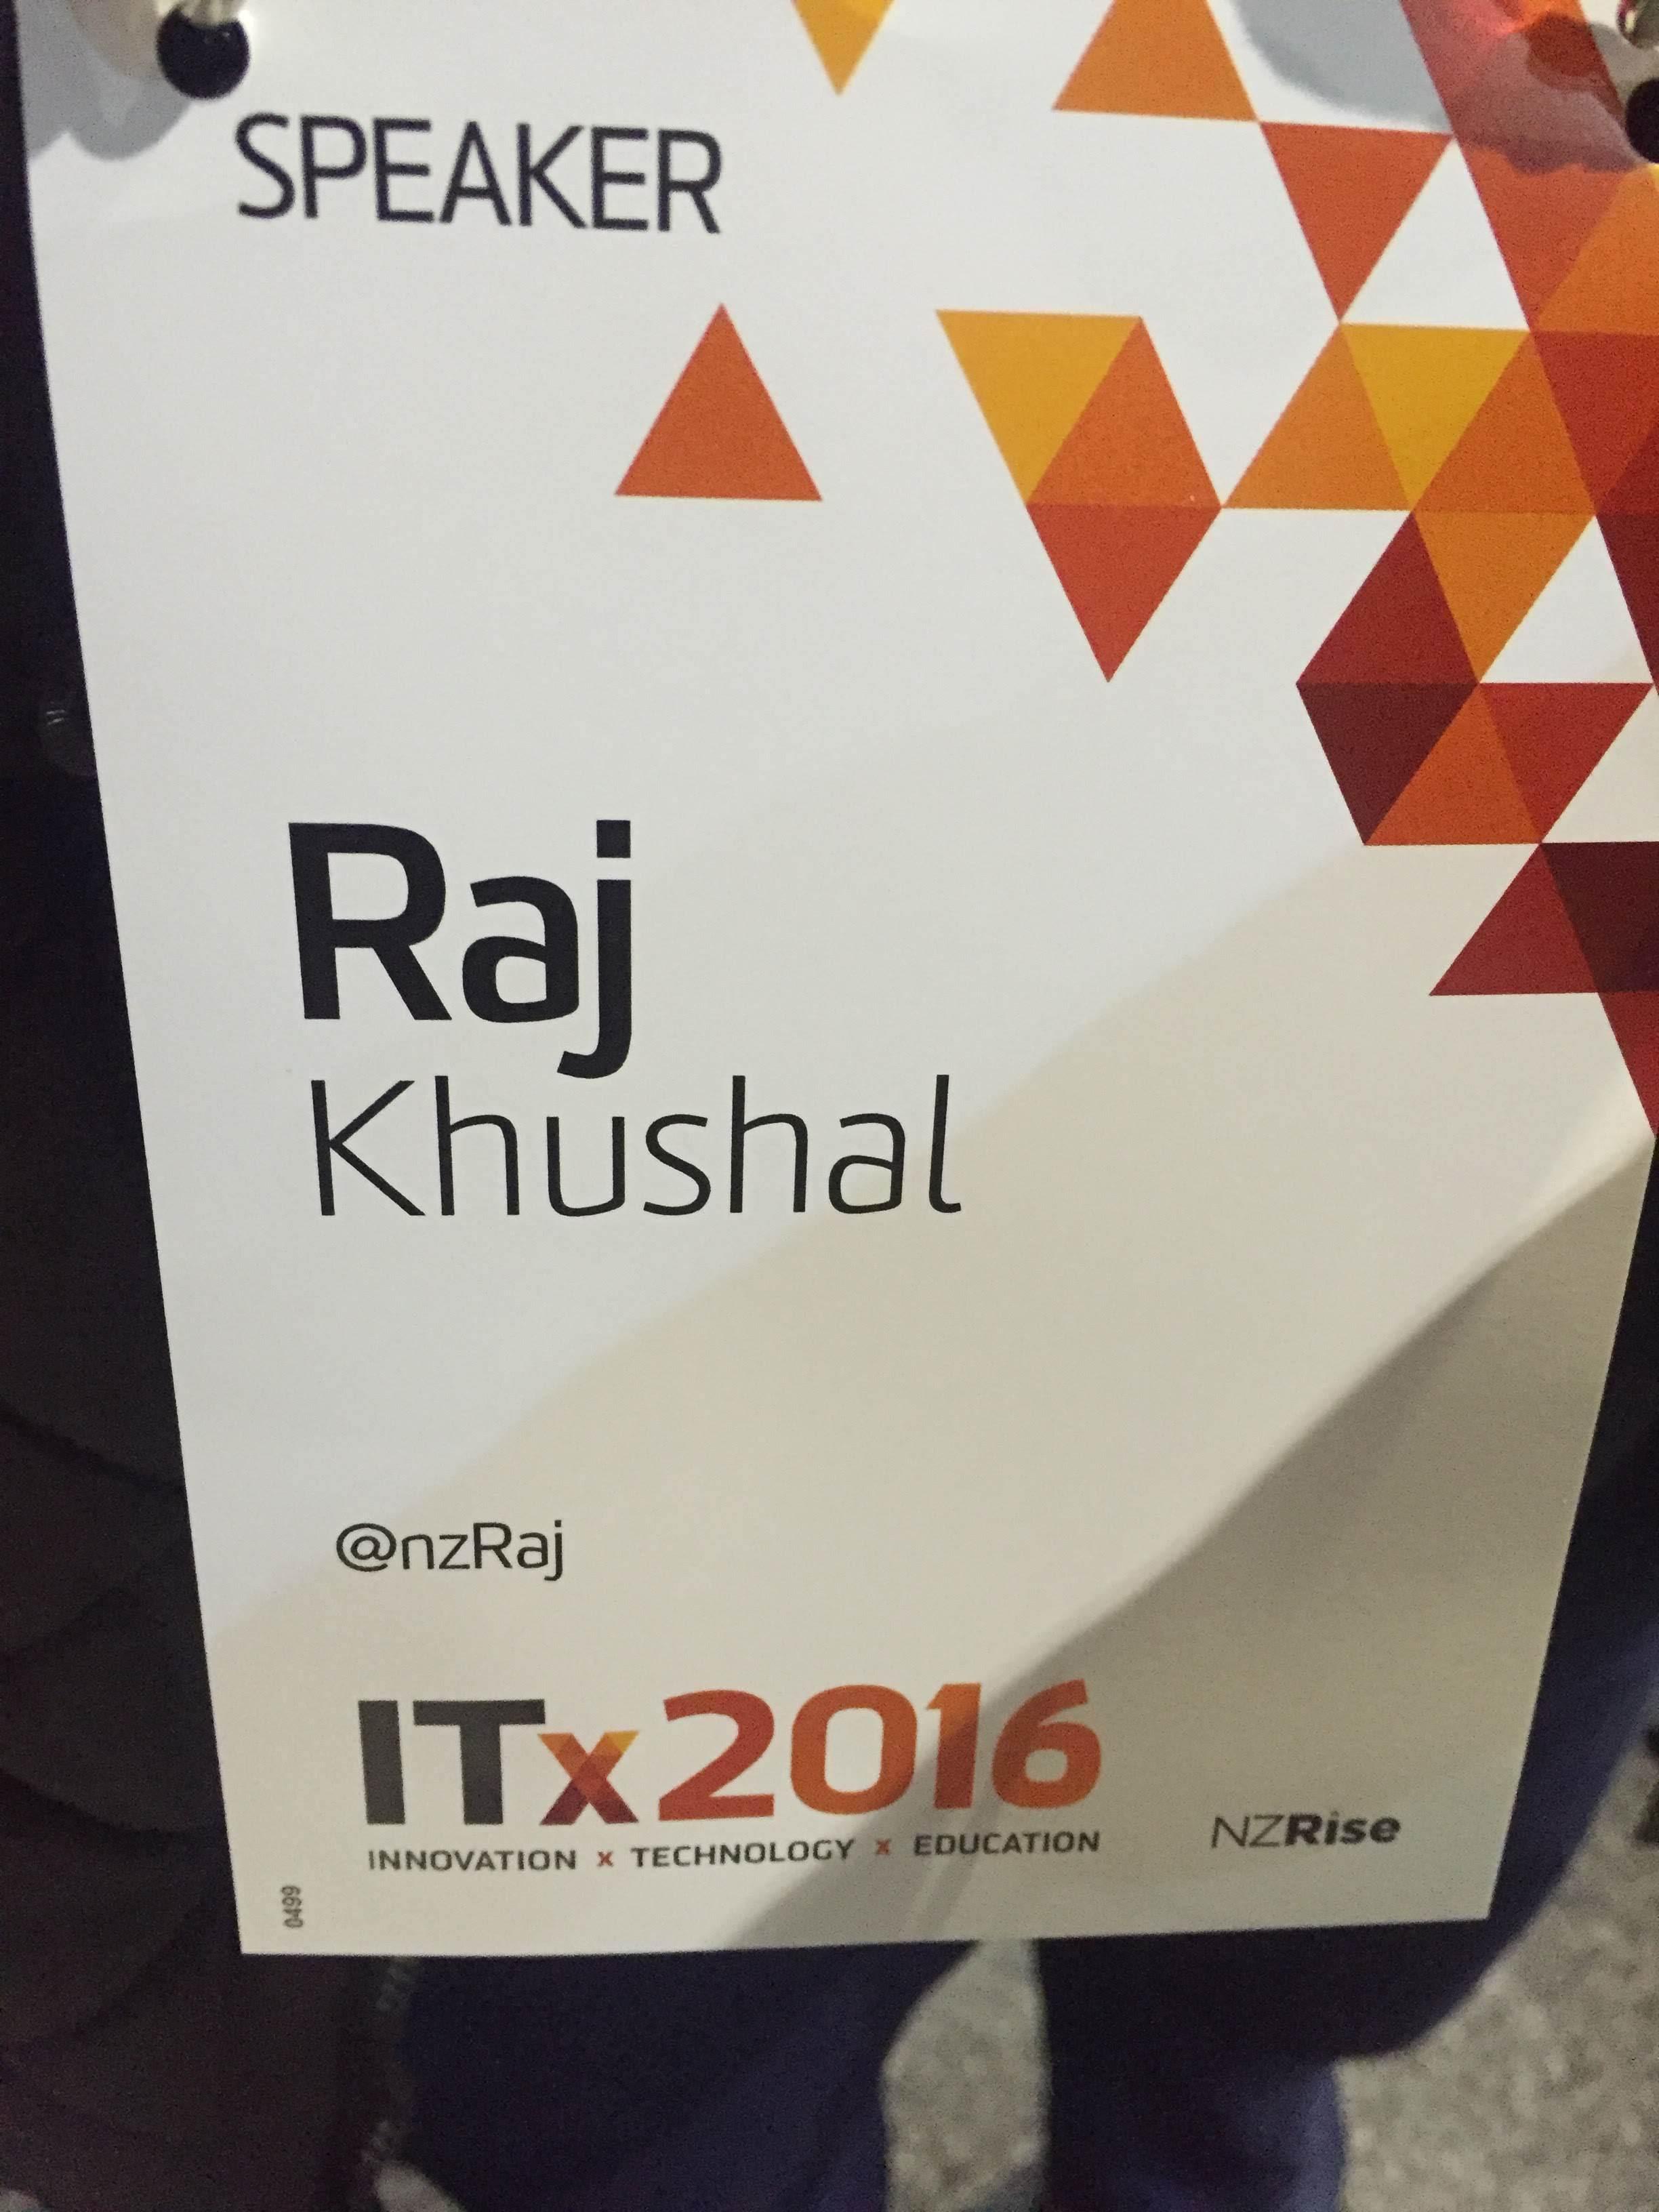 ITx2016-02.jpg